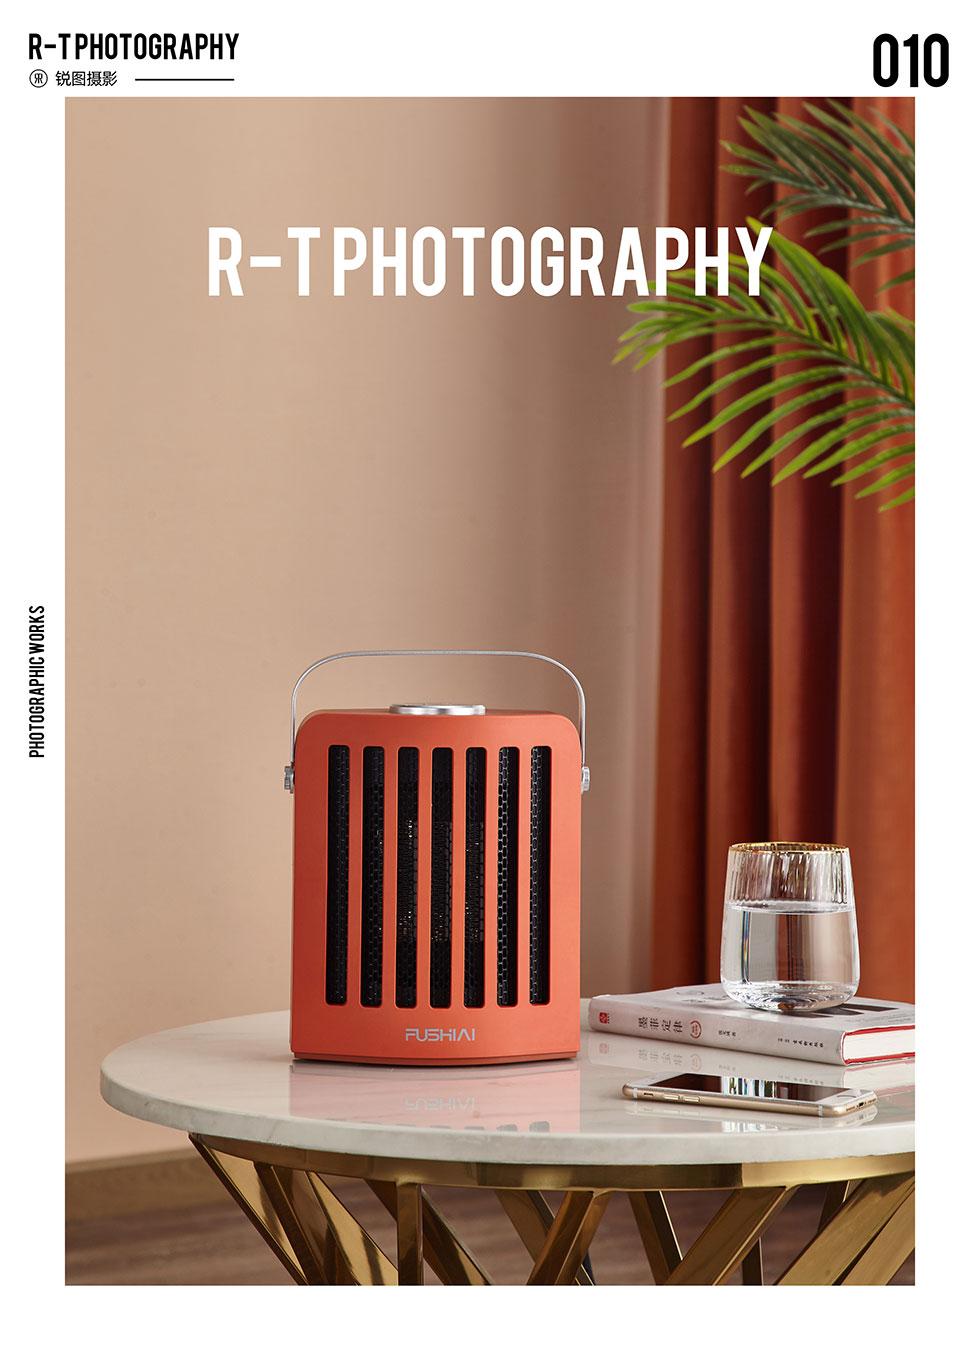 小家电摄影新款 电暖器拍摄